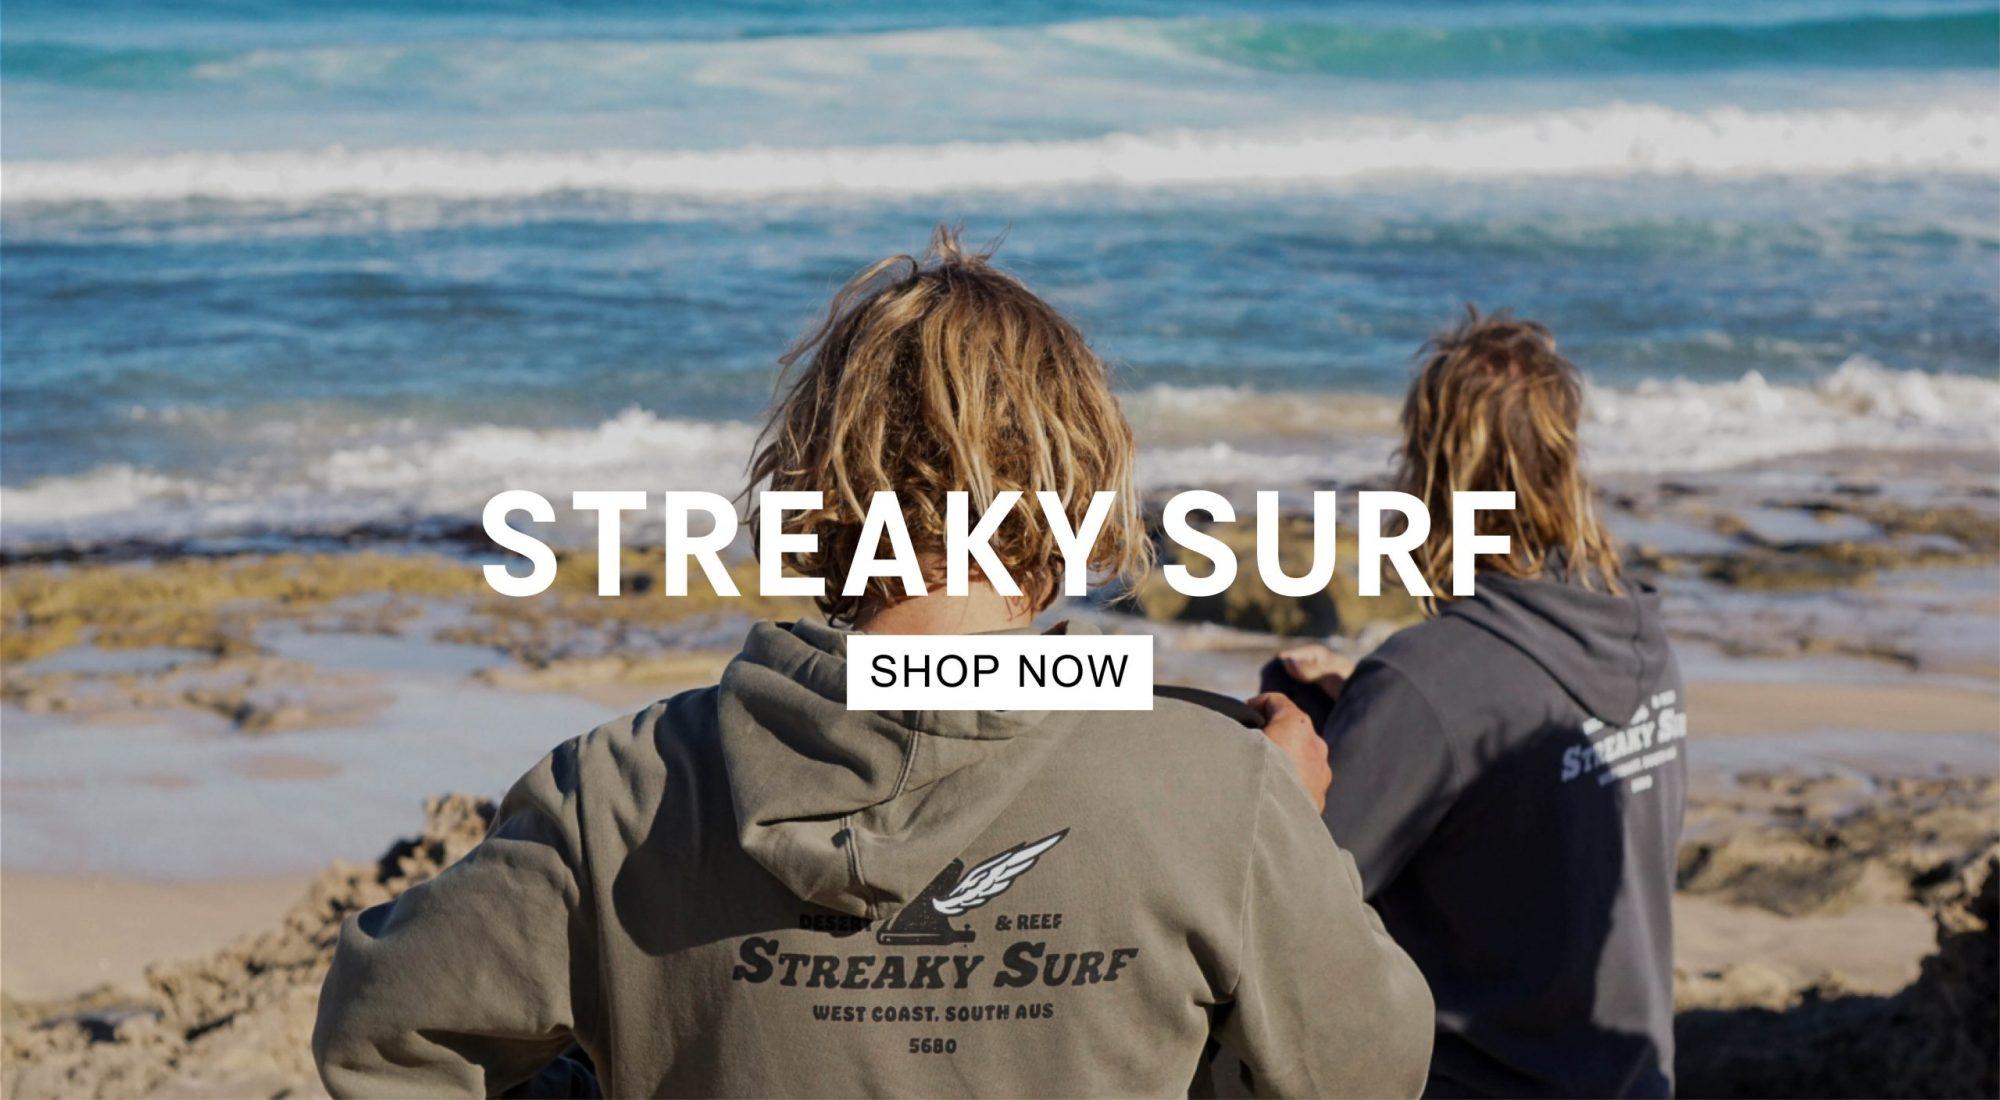 Streaky surf